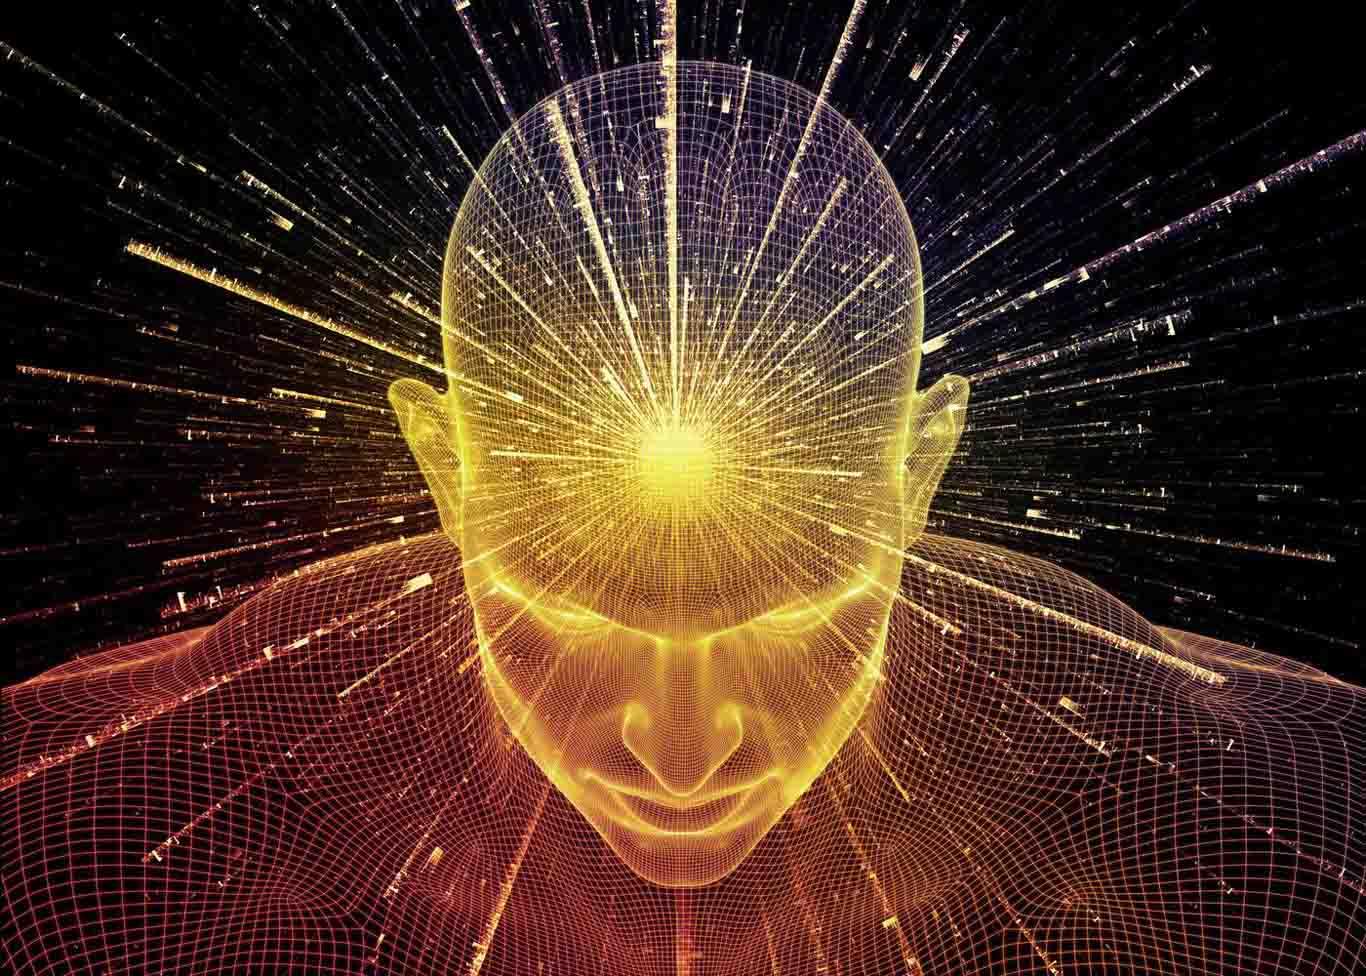 сознание не резонирует с высоким измерением